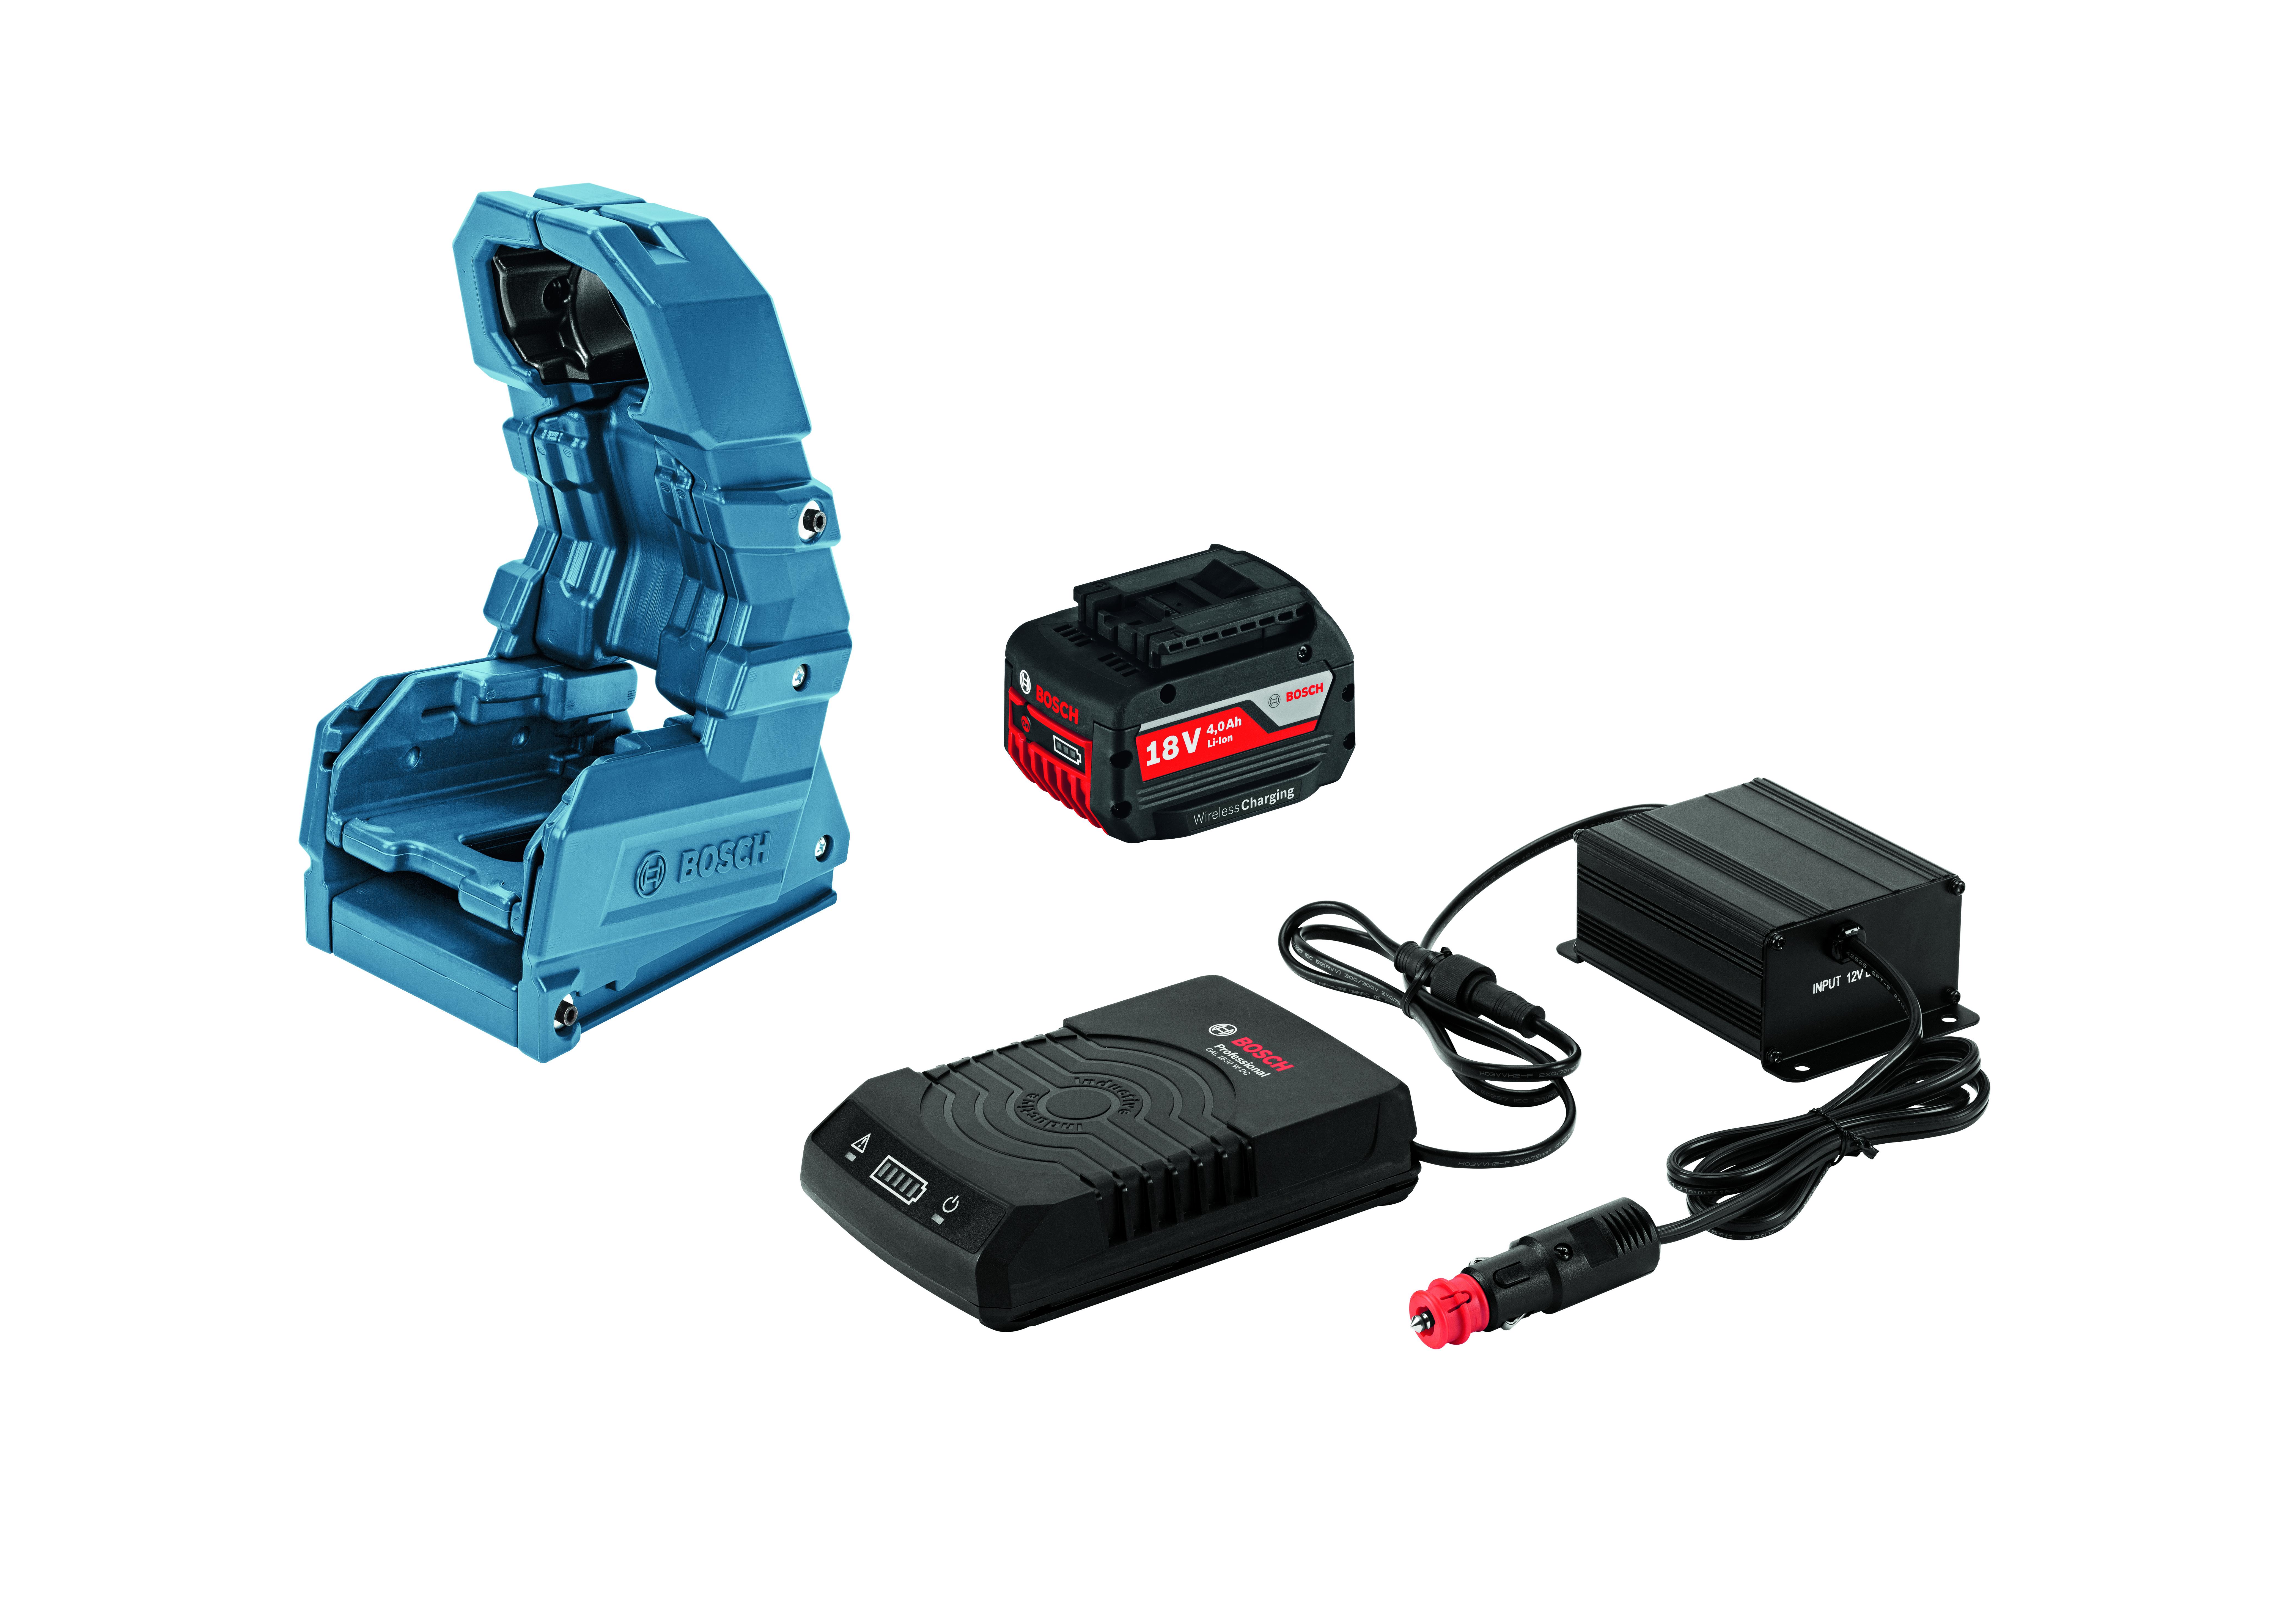 Image of   Bilsæt GBA 18 V 4,0 Ah W + GAL 1830 W-DC + Holster Wireless Charging Bilsæt Wireless Charging akku GBA 18 V 4,0 Ah W + lader GAL 1830 W-DC + Holster Professional